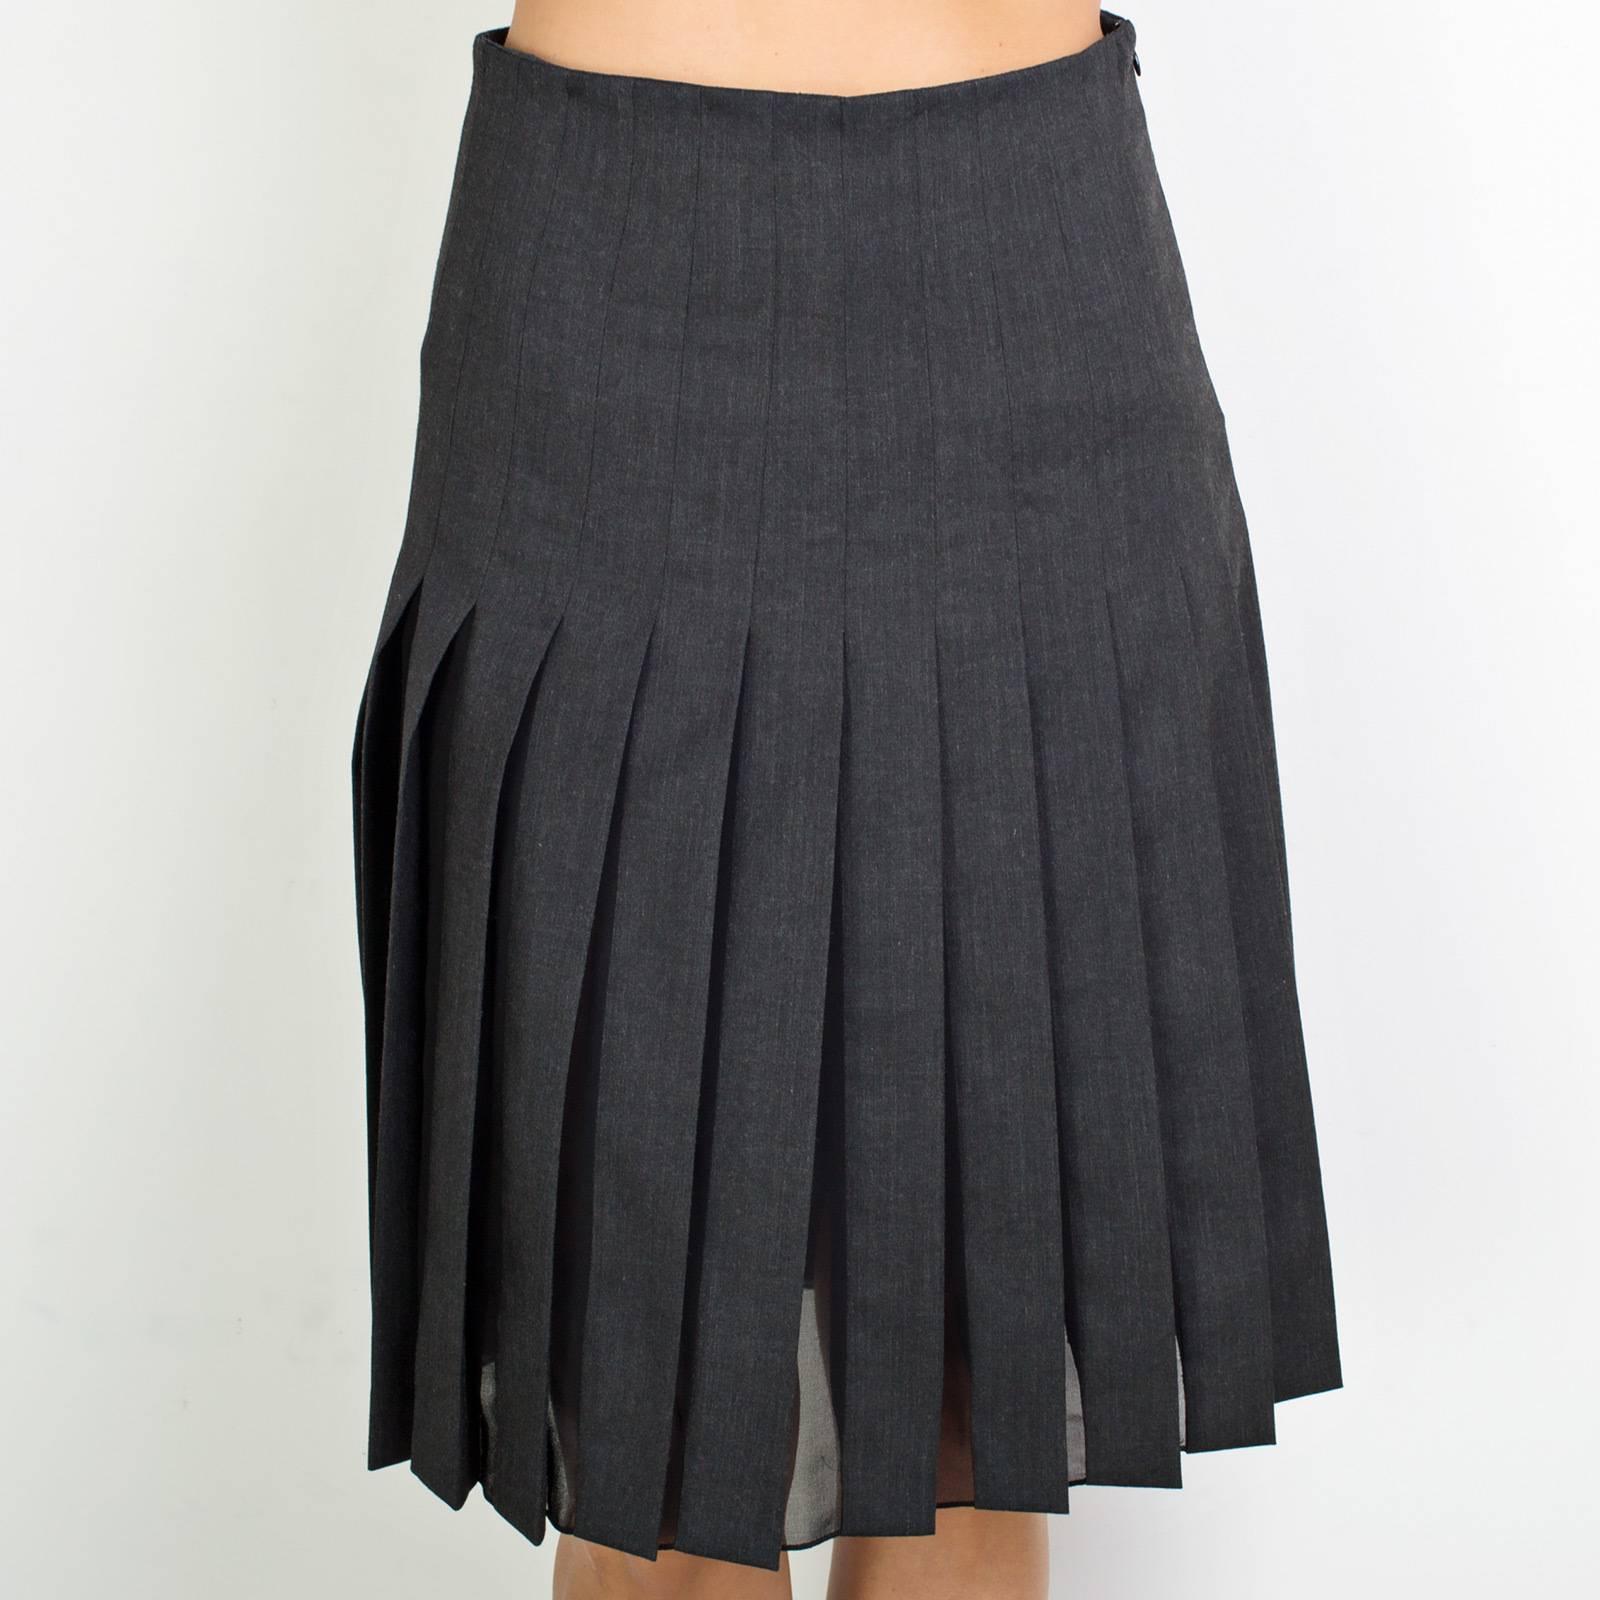 Купить серую юбку в москве